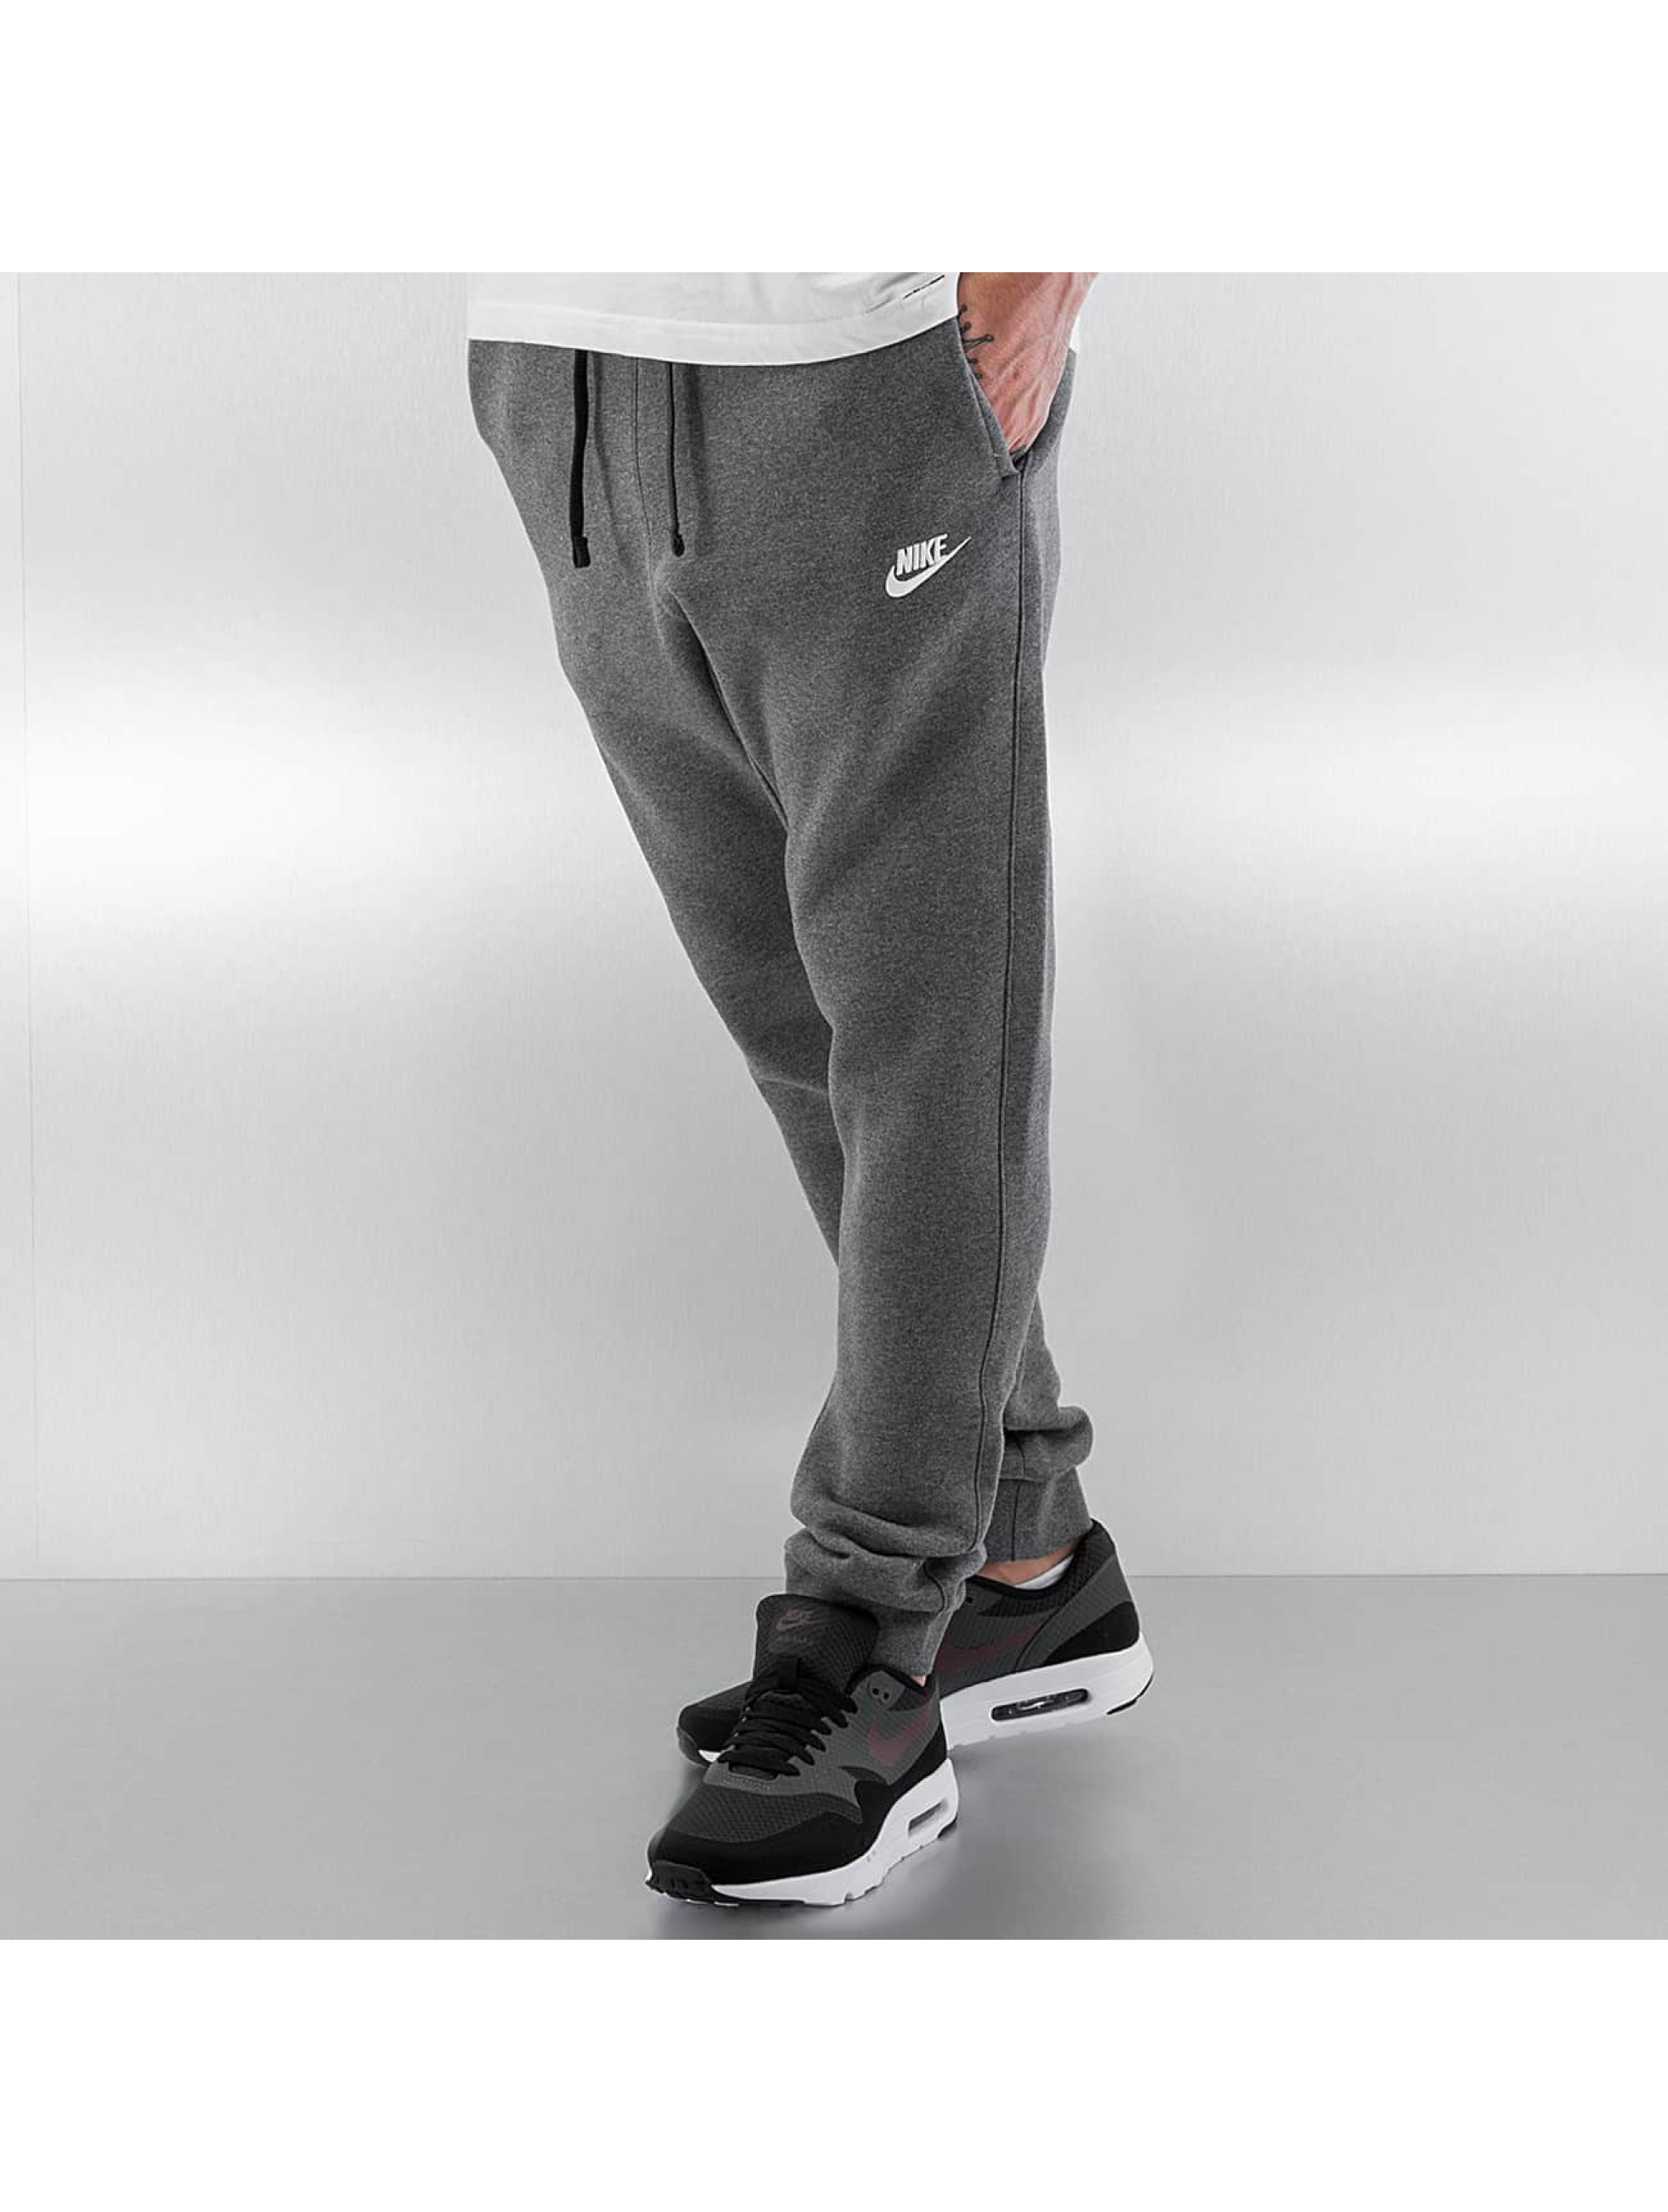 Nike Männer Jogginghose NSW FLC CLUB in grau